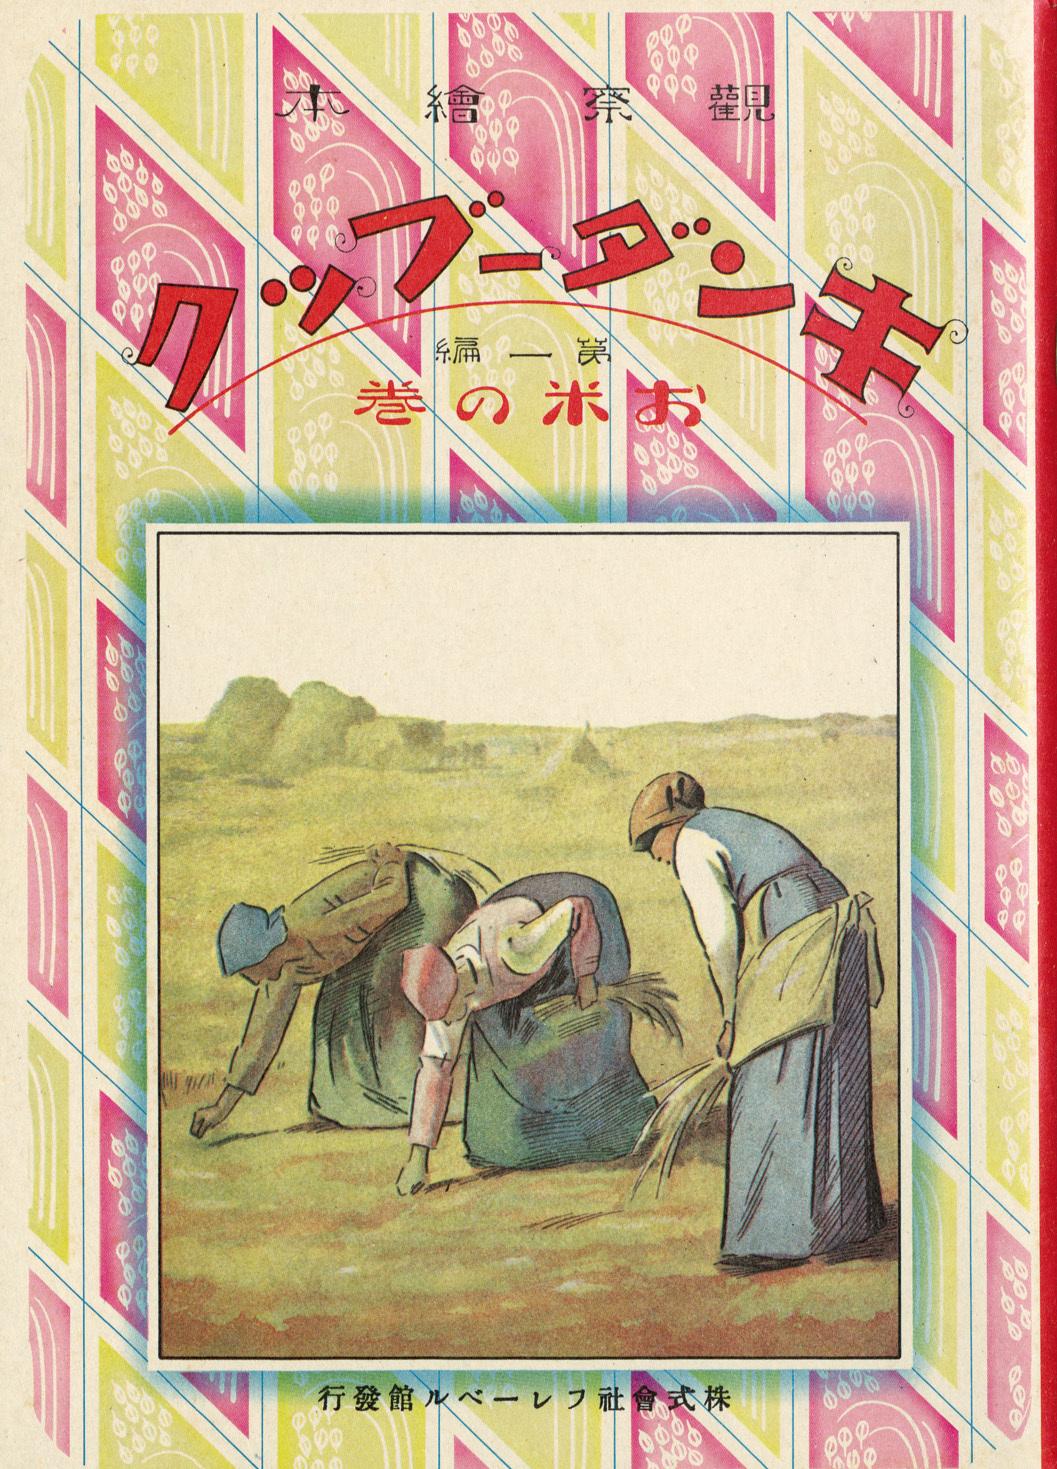 『観察絵本 キンダーブック』創刊号